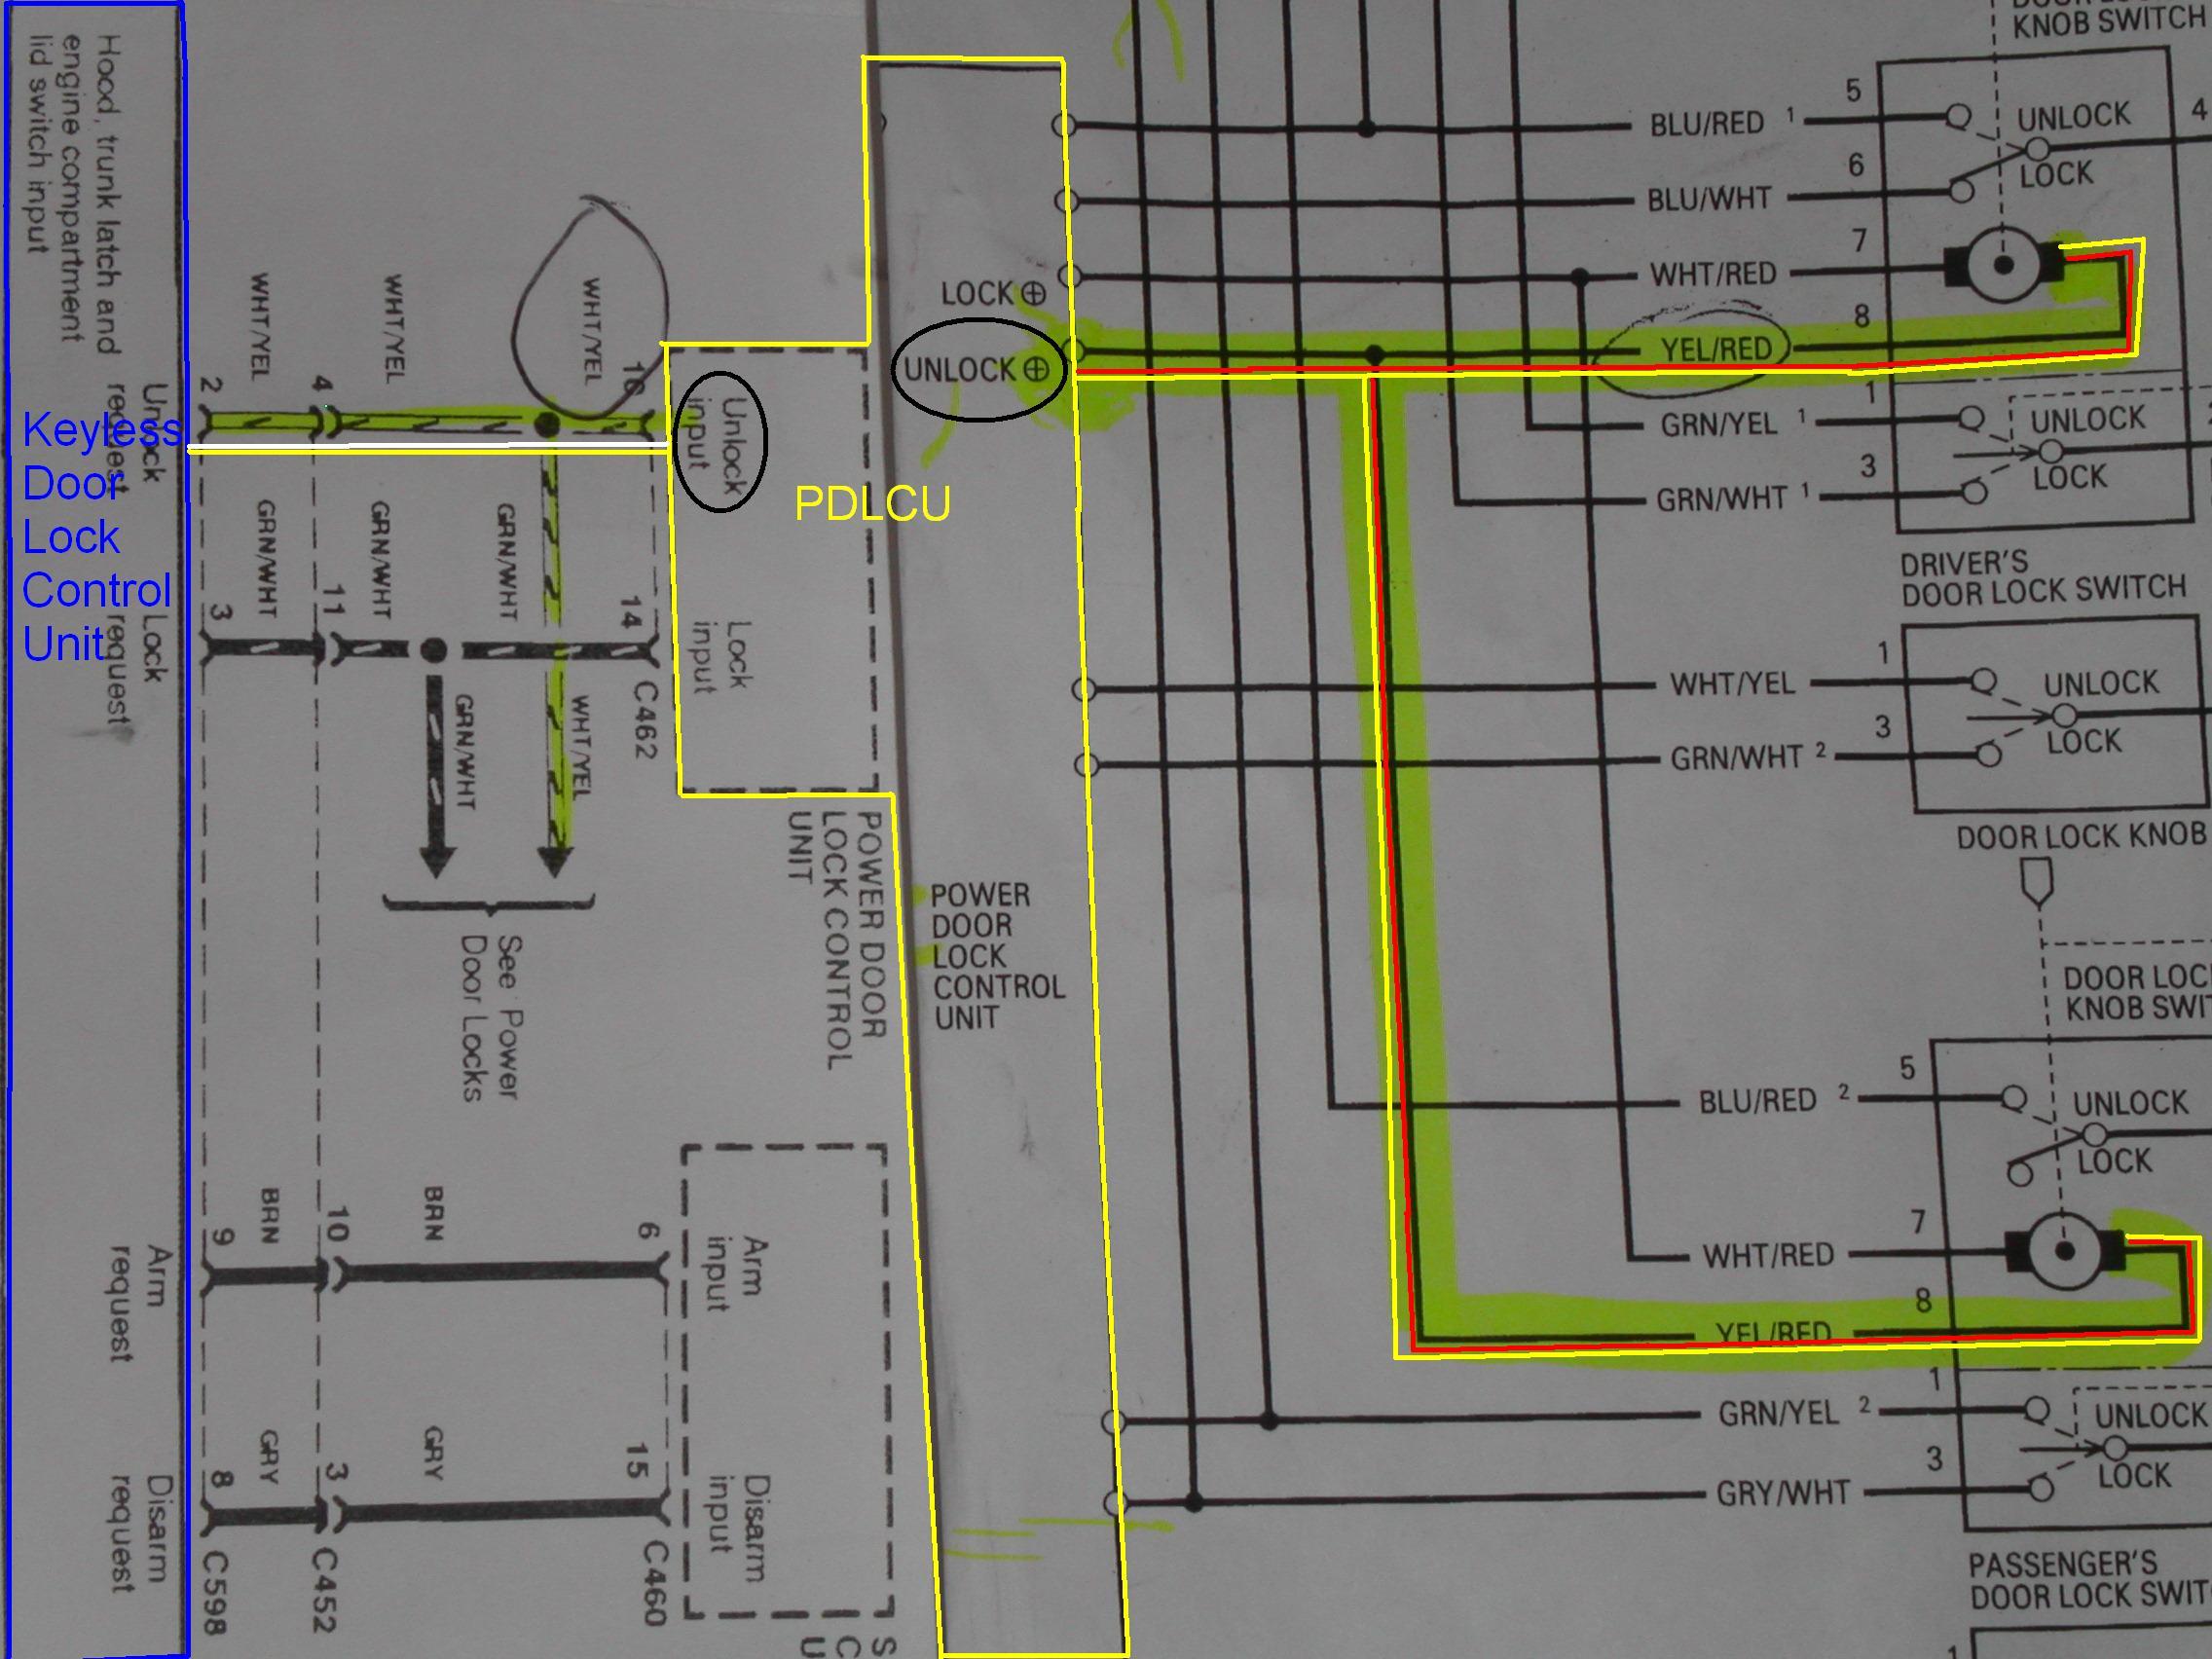 International 4700 Wiring Diagram Pdf | Wirings Diagram on peterbilt 379 wiring diagram, freightliner columbia wiring diagram, international 4900 exhaust, peterbilt 320 wiring diagram, kenworth w900 wiring diagram, freightliner fl112 wiring diagram, peterbilt 387 wiring diagram, freightliner fld120 wiring diagram, freightliner fl80 wiring diagram, freightliner fl70 wiring diagram, kenworth t300 wiring diagram, international 4900 air conditioning, international 4900 chassis, international 4900 parts, international 4900 frame, mack ch600 wiring diagram, kenworth t800 wiring diagram, peterbilt 377 wiring diagram, ford f800 wiring diagram, kenworth t600 wiring diagram,